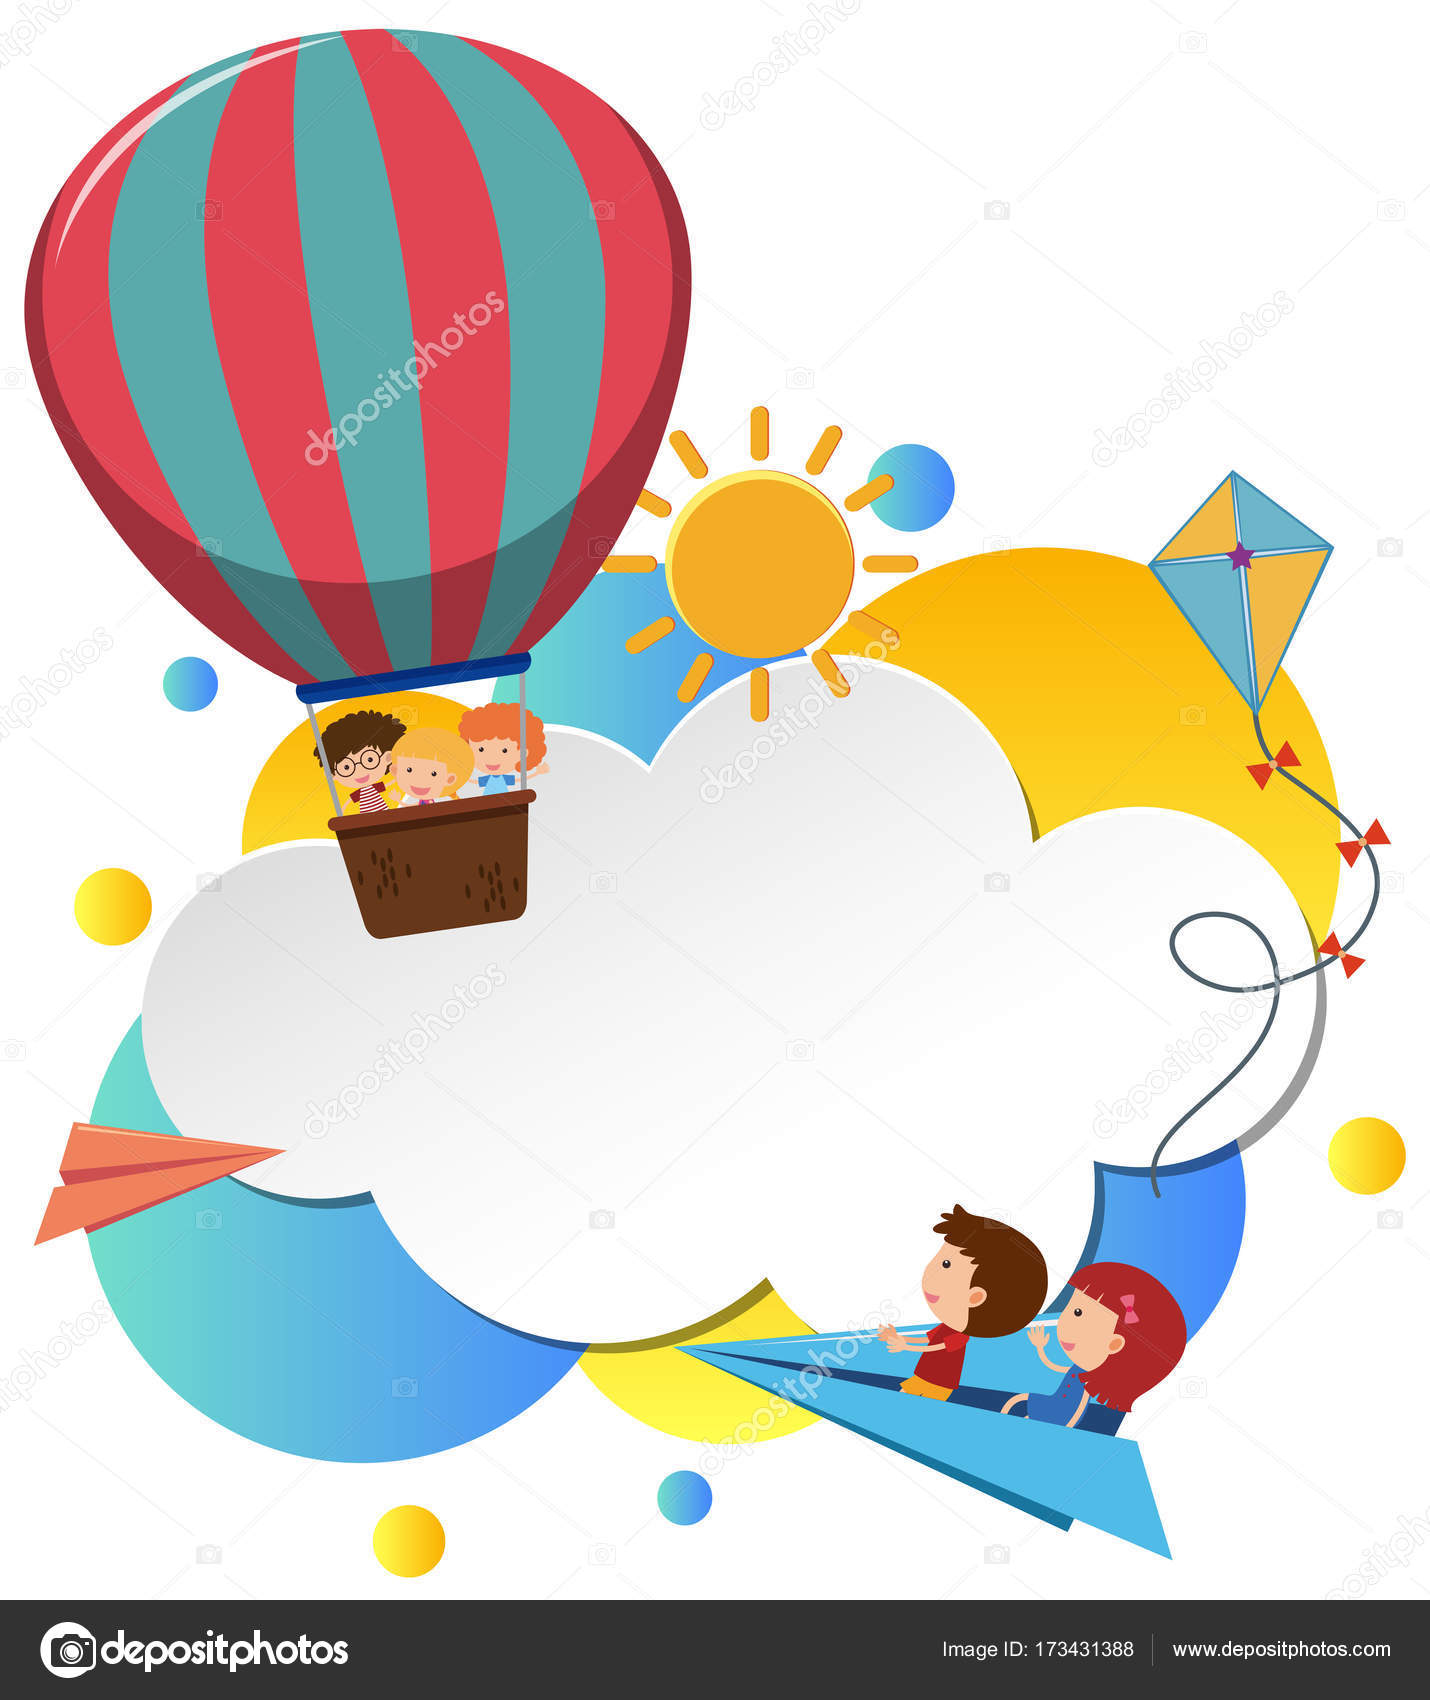 Grenze-Vorlage mit Kindern im Ballon — Stockvektor © brgfx #173431388